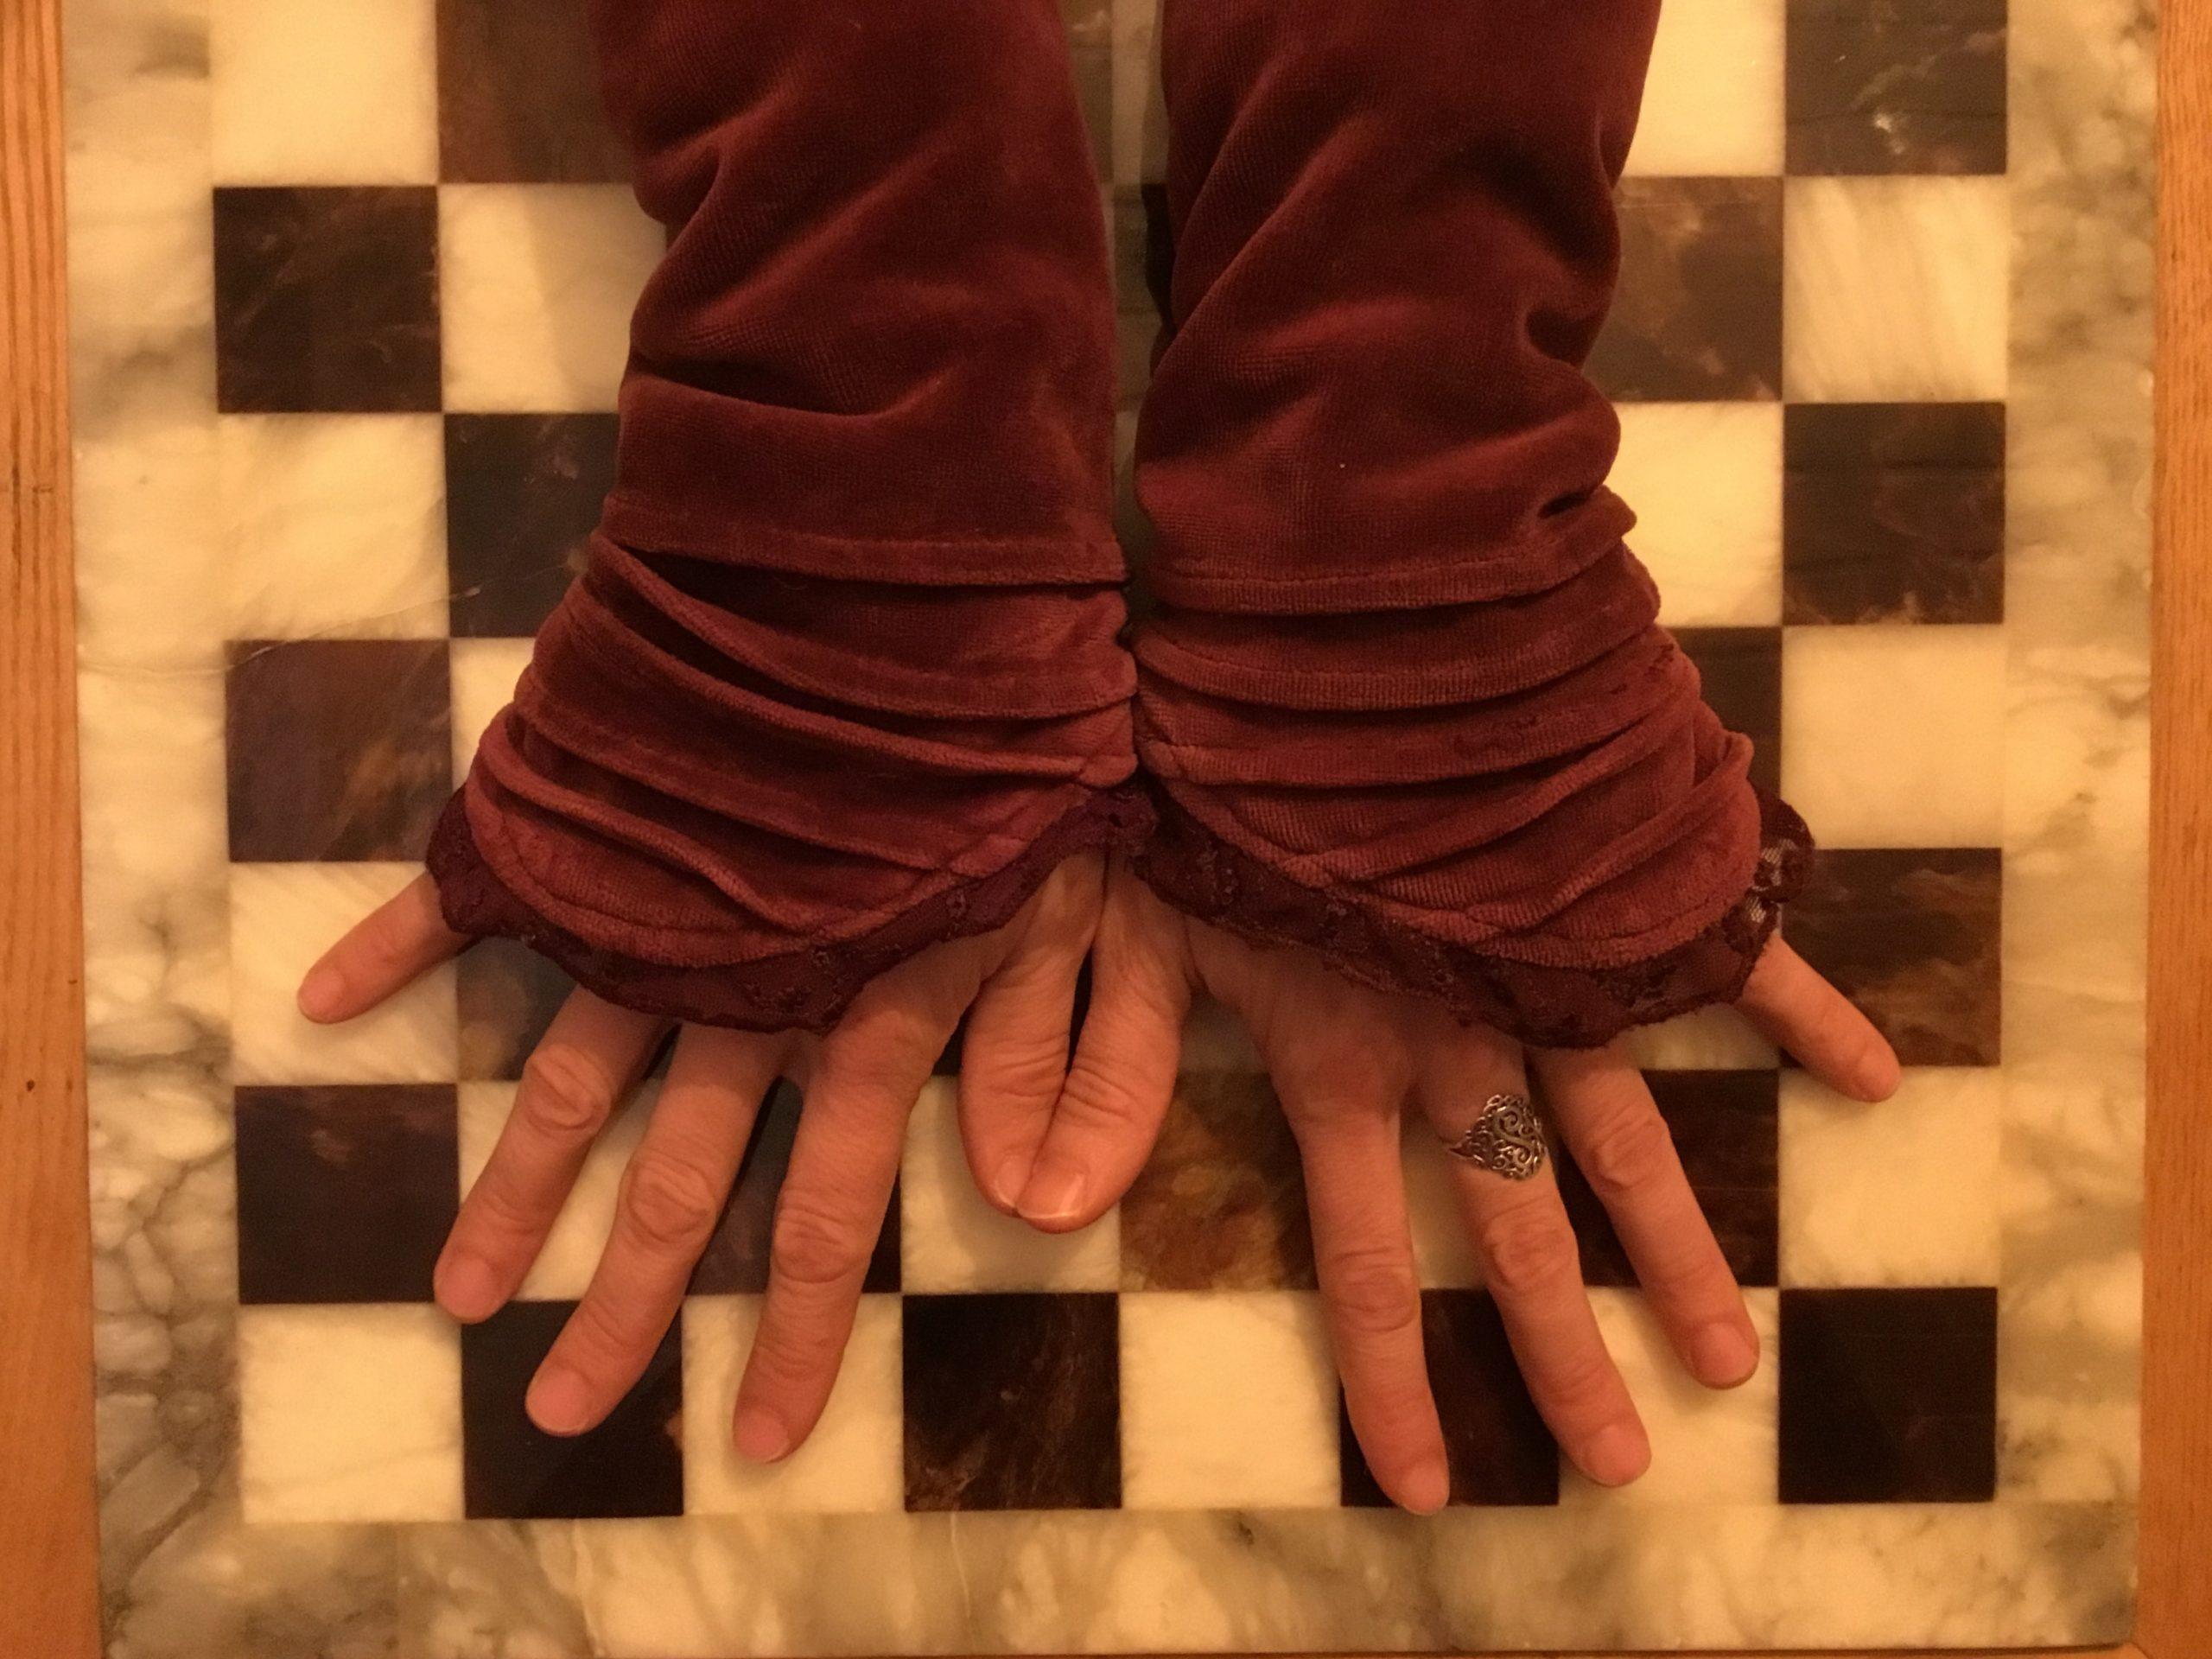 Richtig! Kuschelige Pulswärmer bescheren Dir warme Hände. 👐🏼